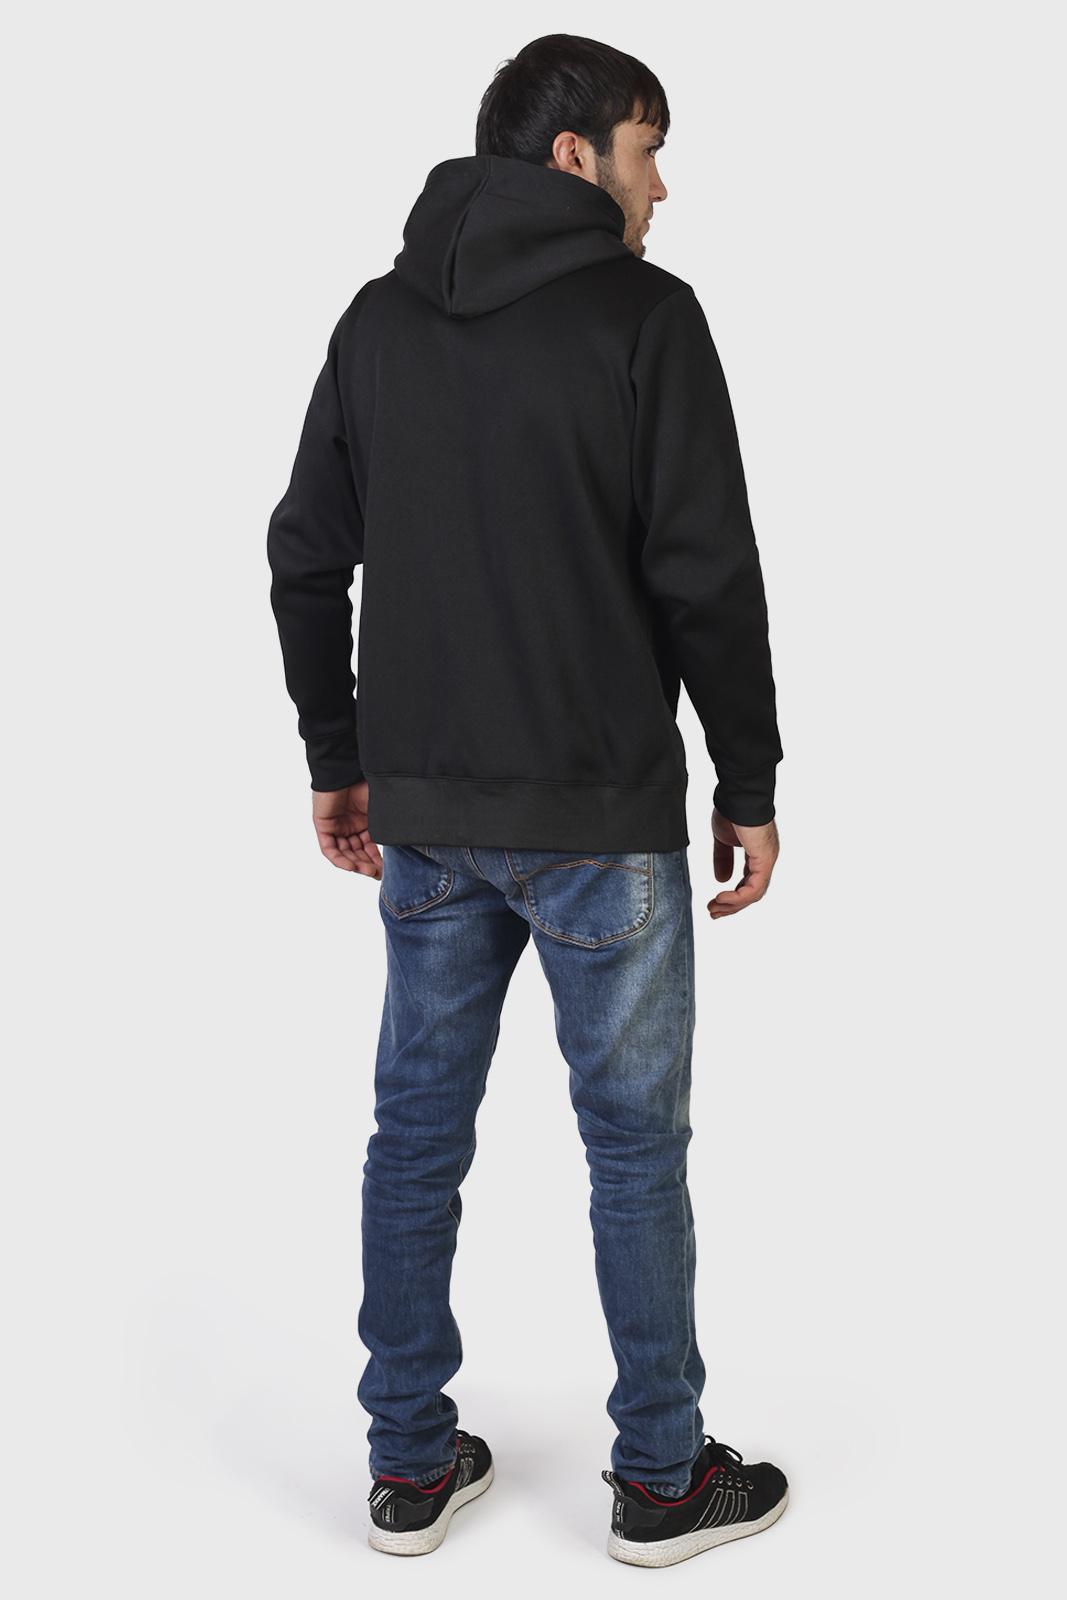 Черная мужская толстовка с шевроном Спецназа ГРУ купить с доставкой